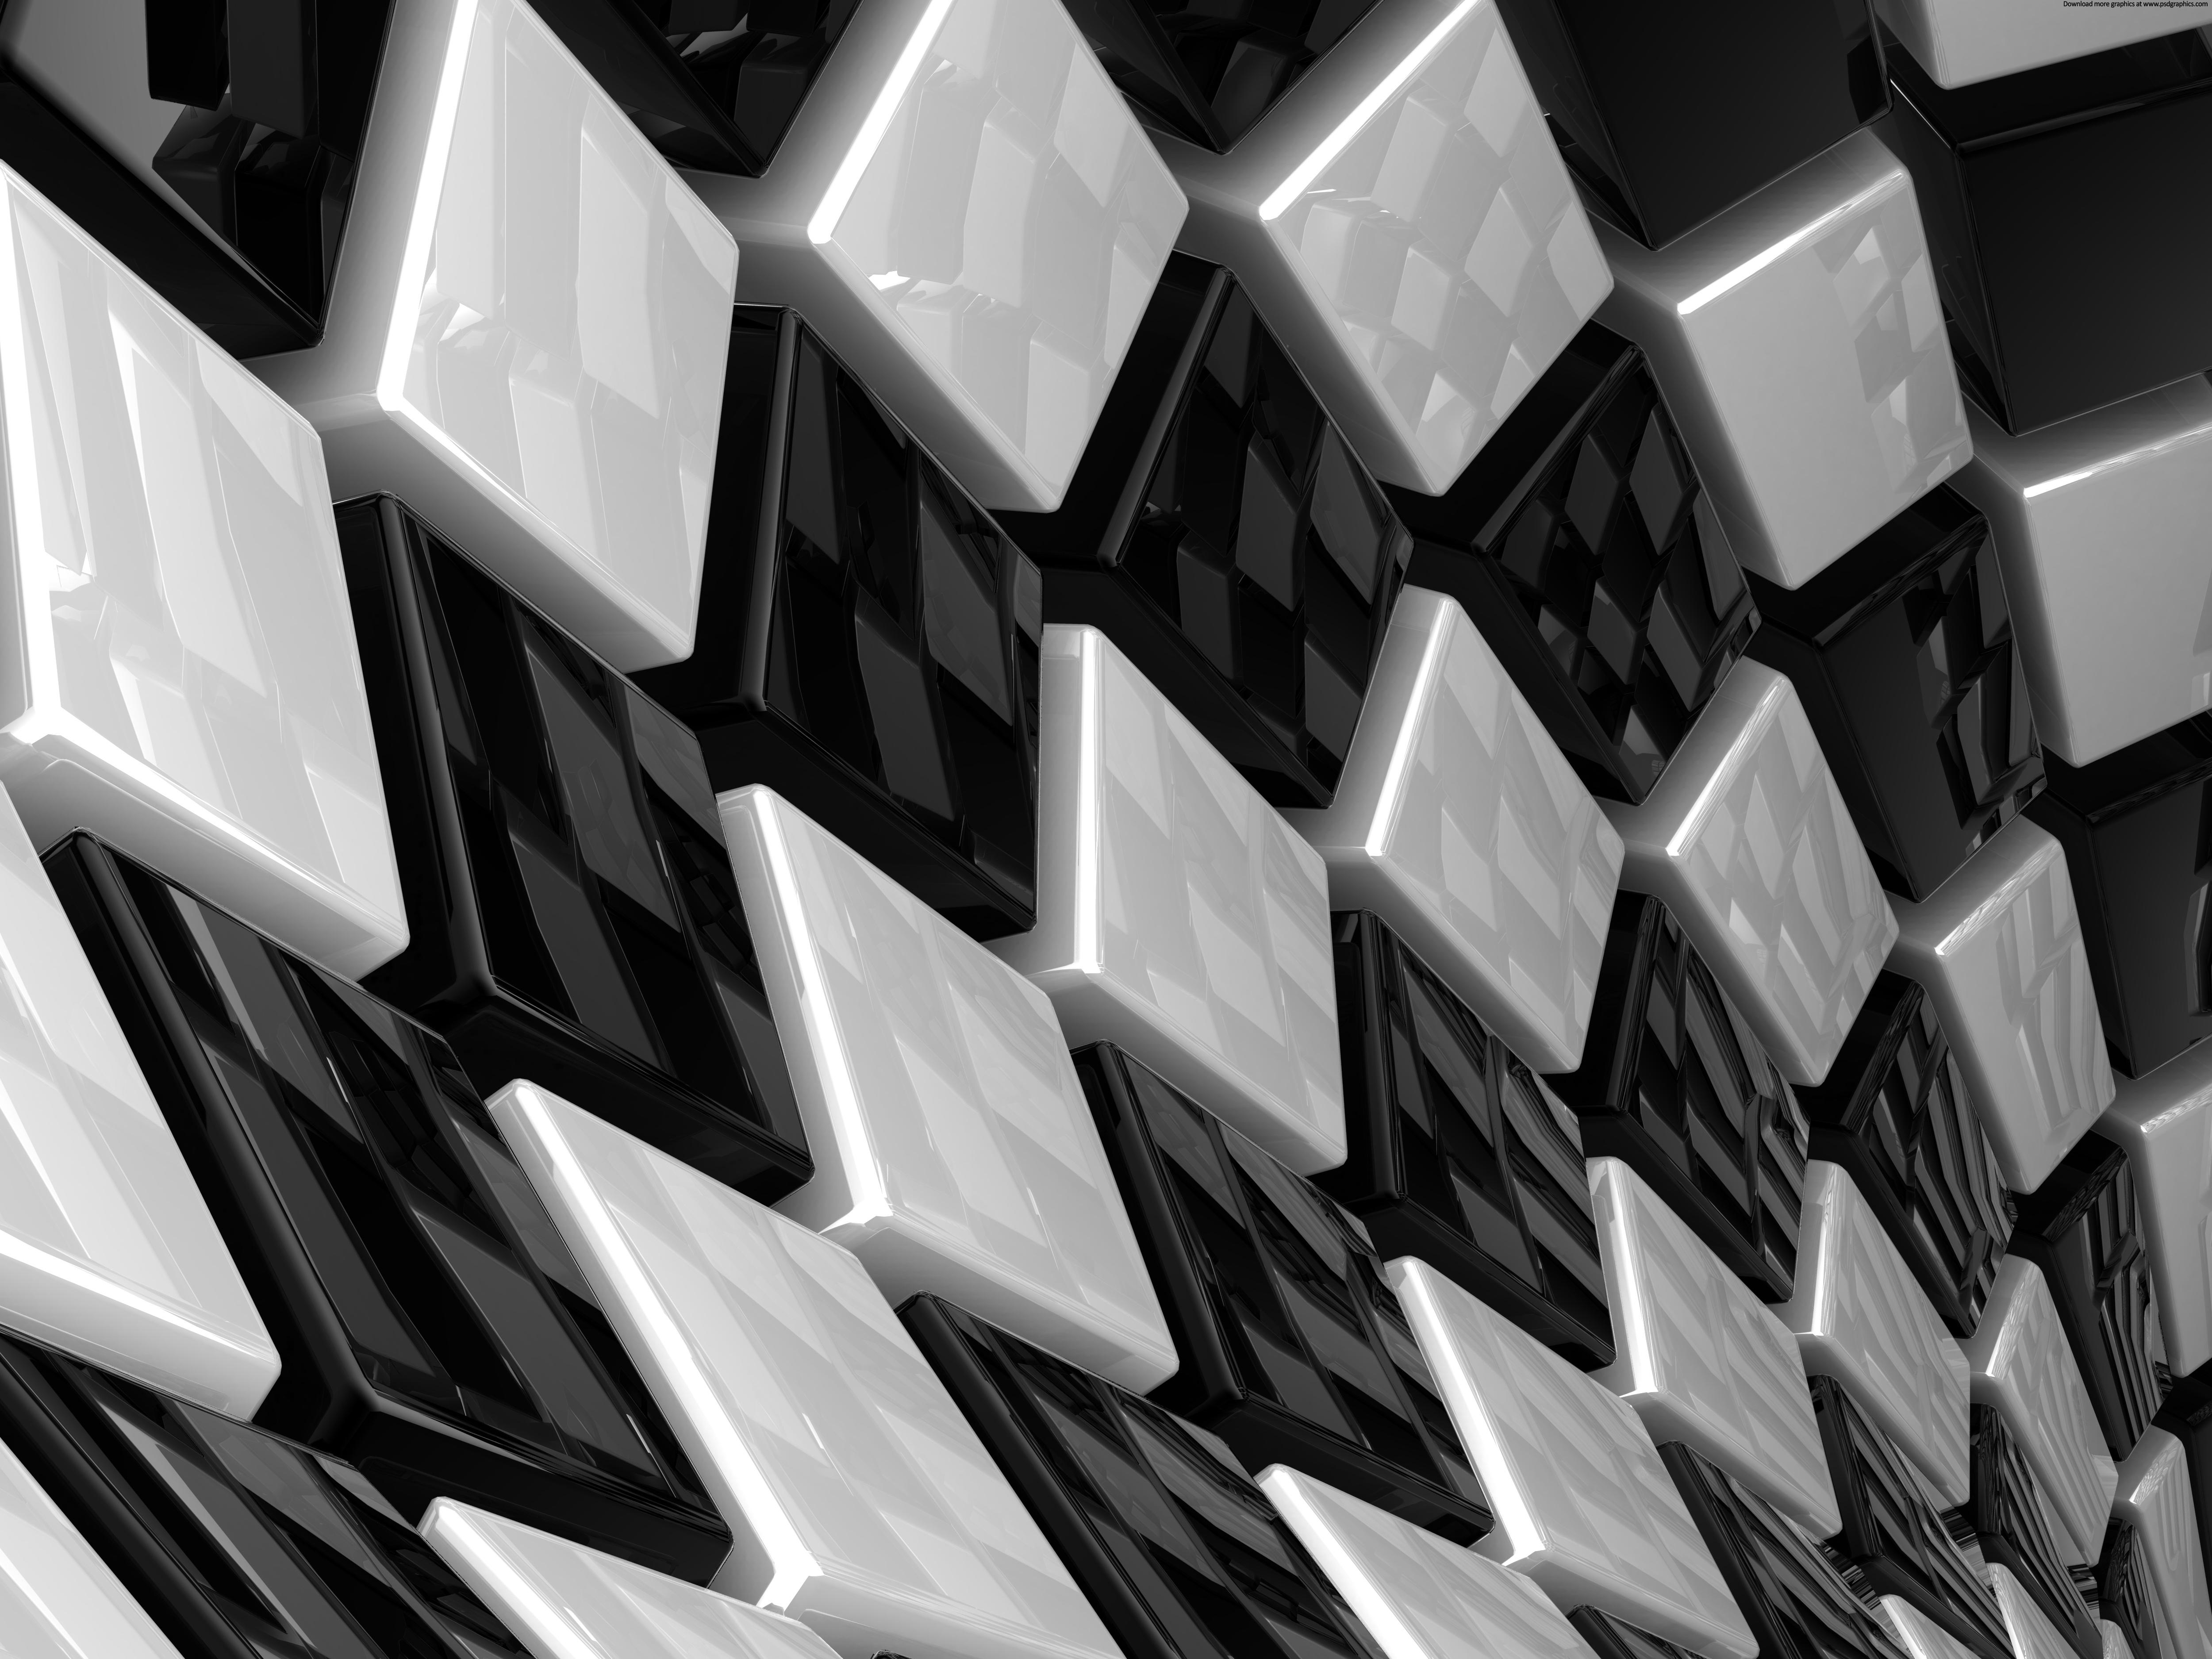 Black Cubes wallpaper 93506 5000x3750